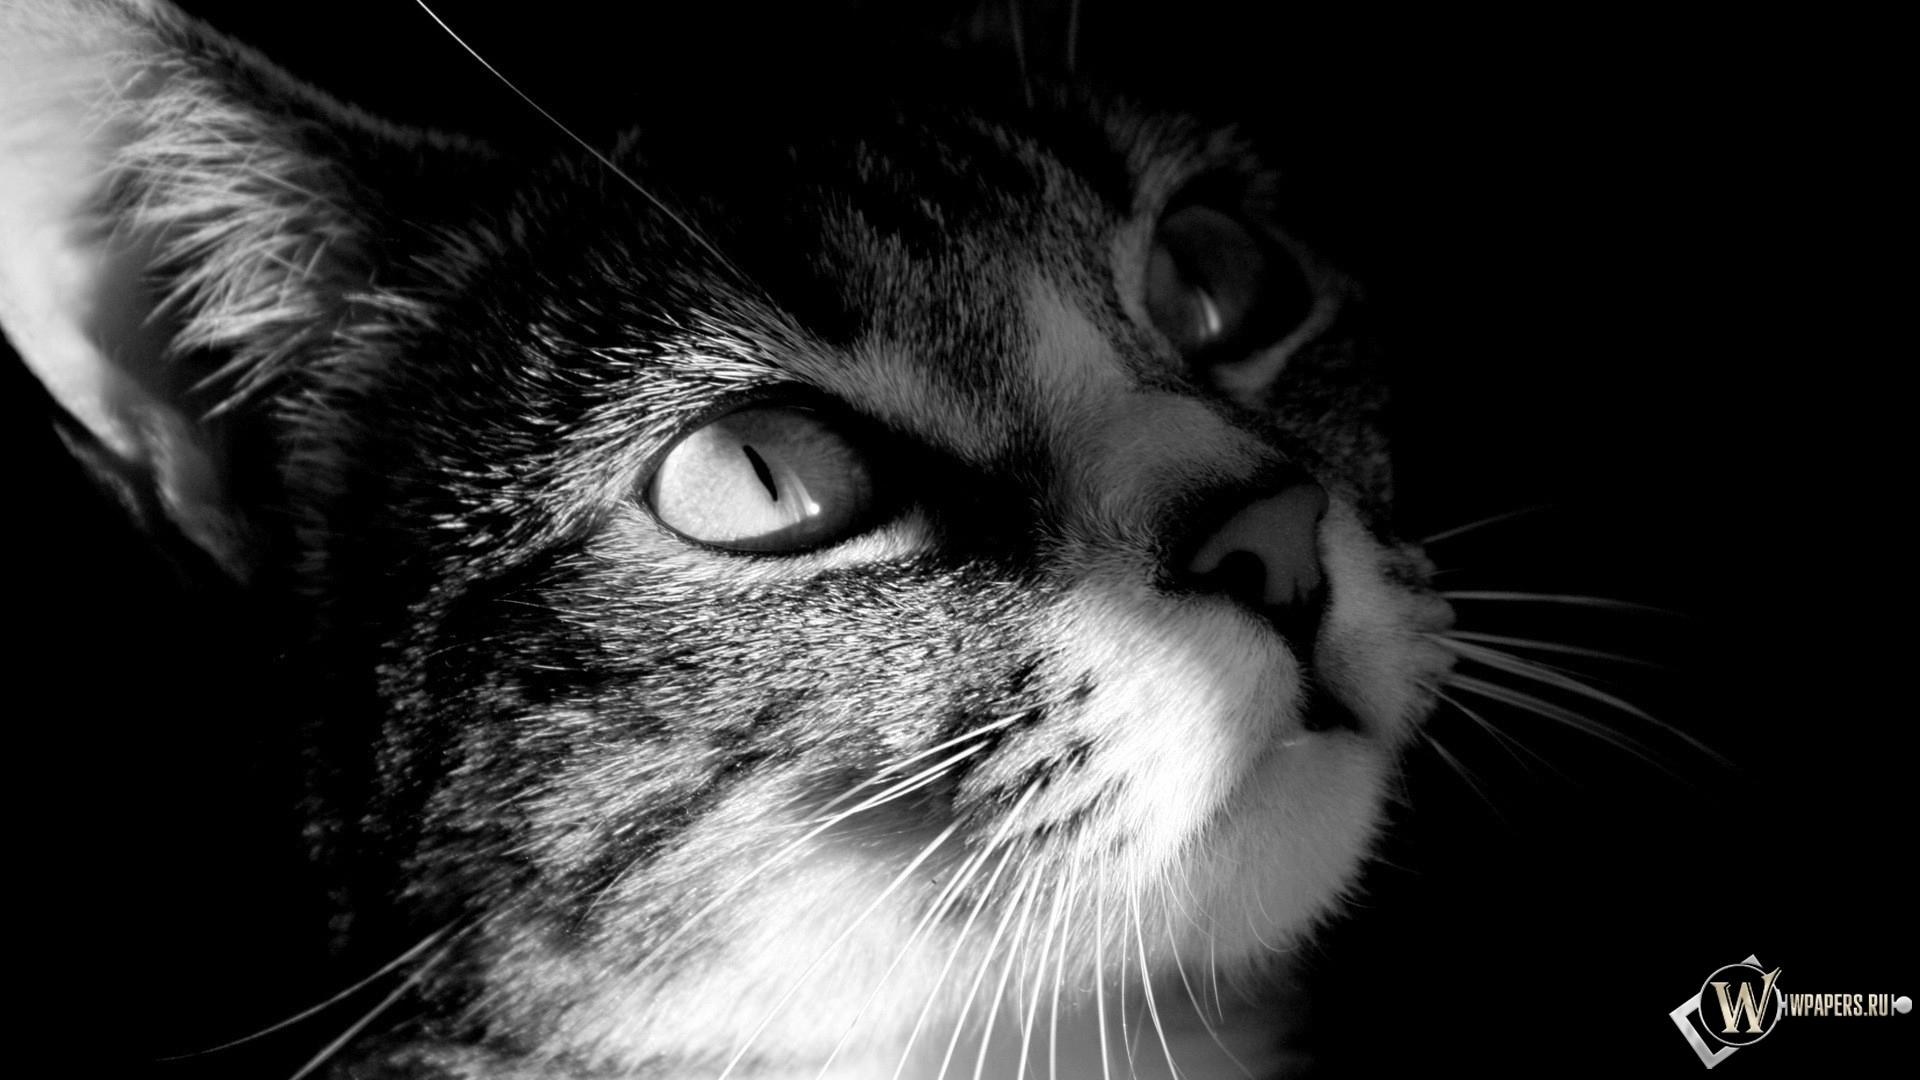 взгляд кота 1920x1080